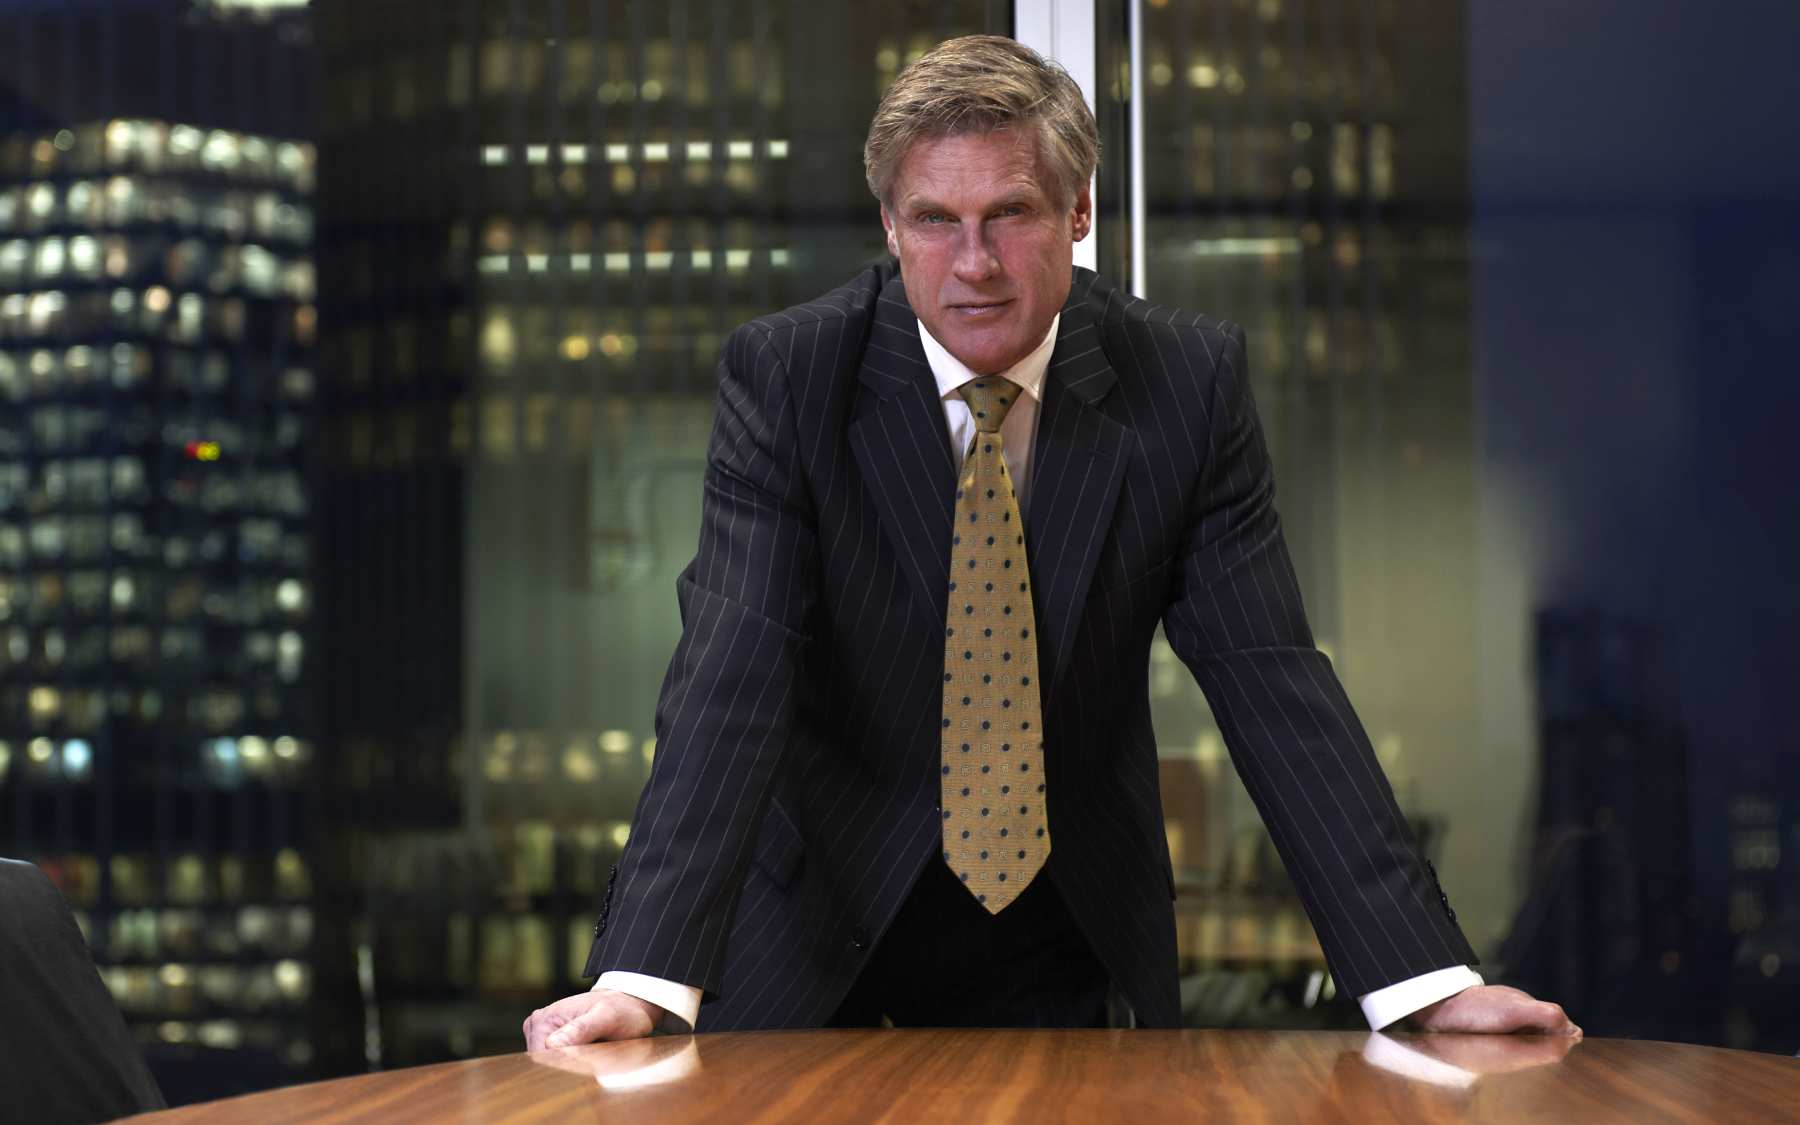 businessman in confident pose